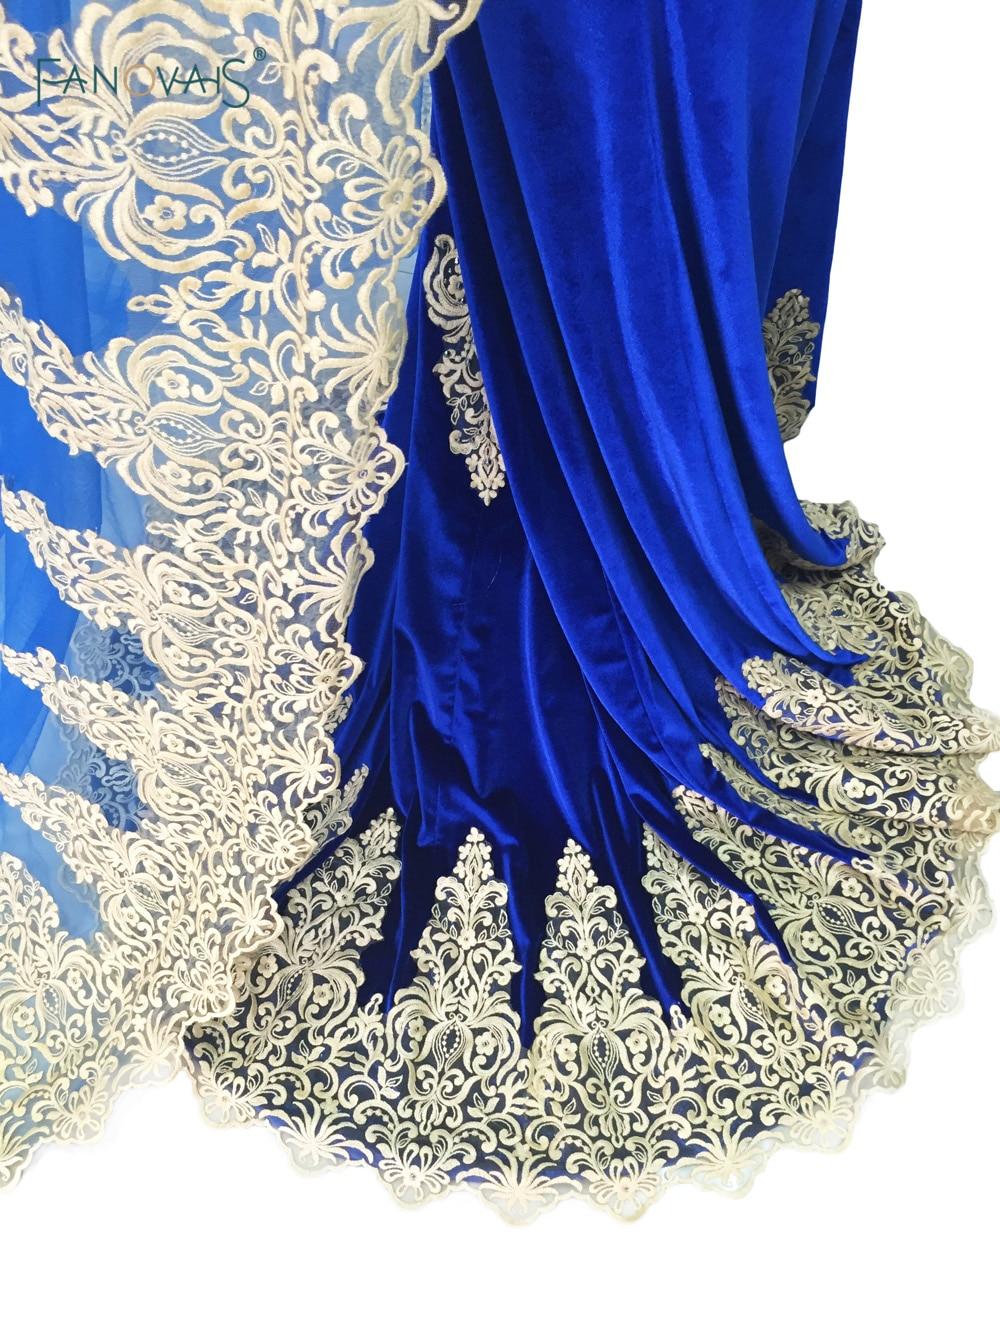 Vintage koningsblauw avondjurken Lange mouw zeemeermin galajurken met - Jurken voor bijzondere gelegenheden - Foto 6